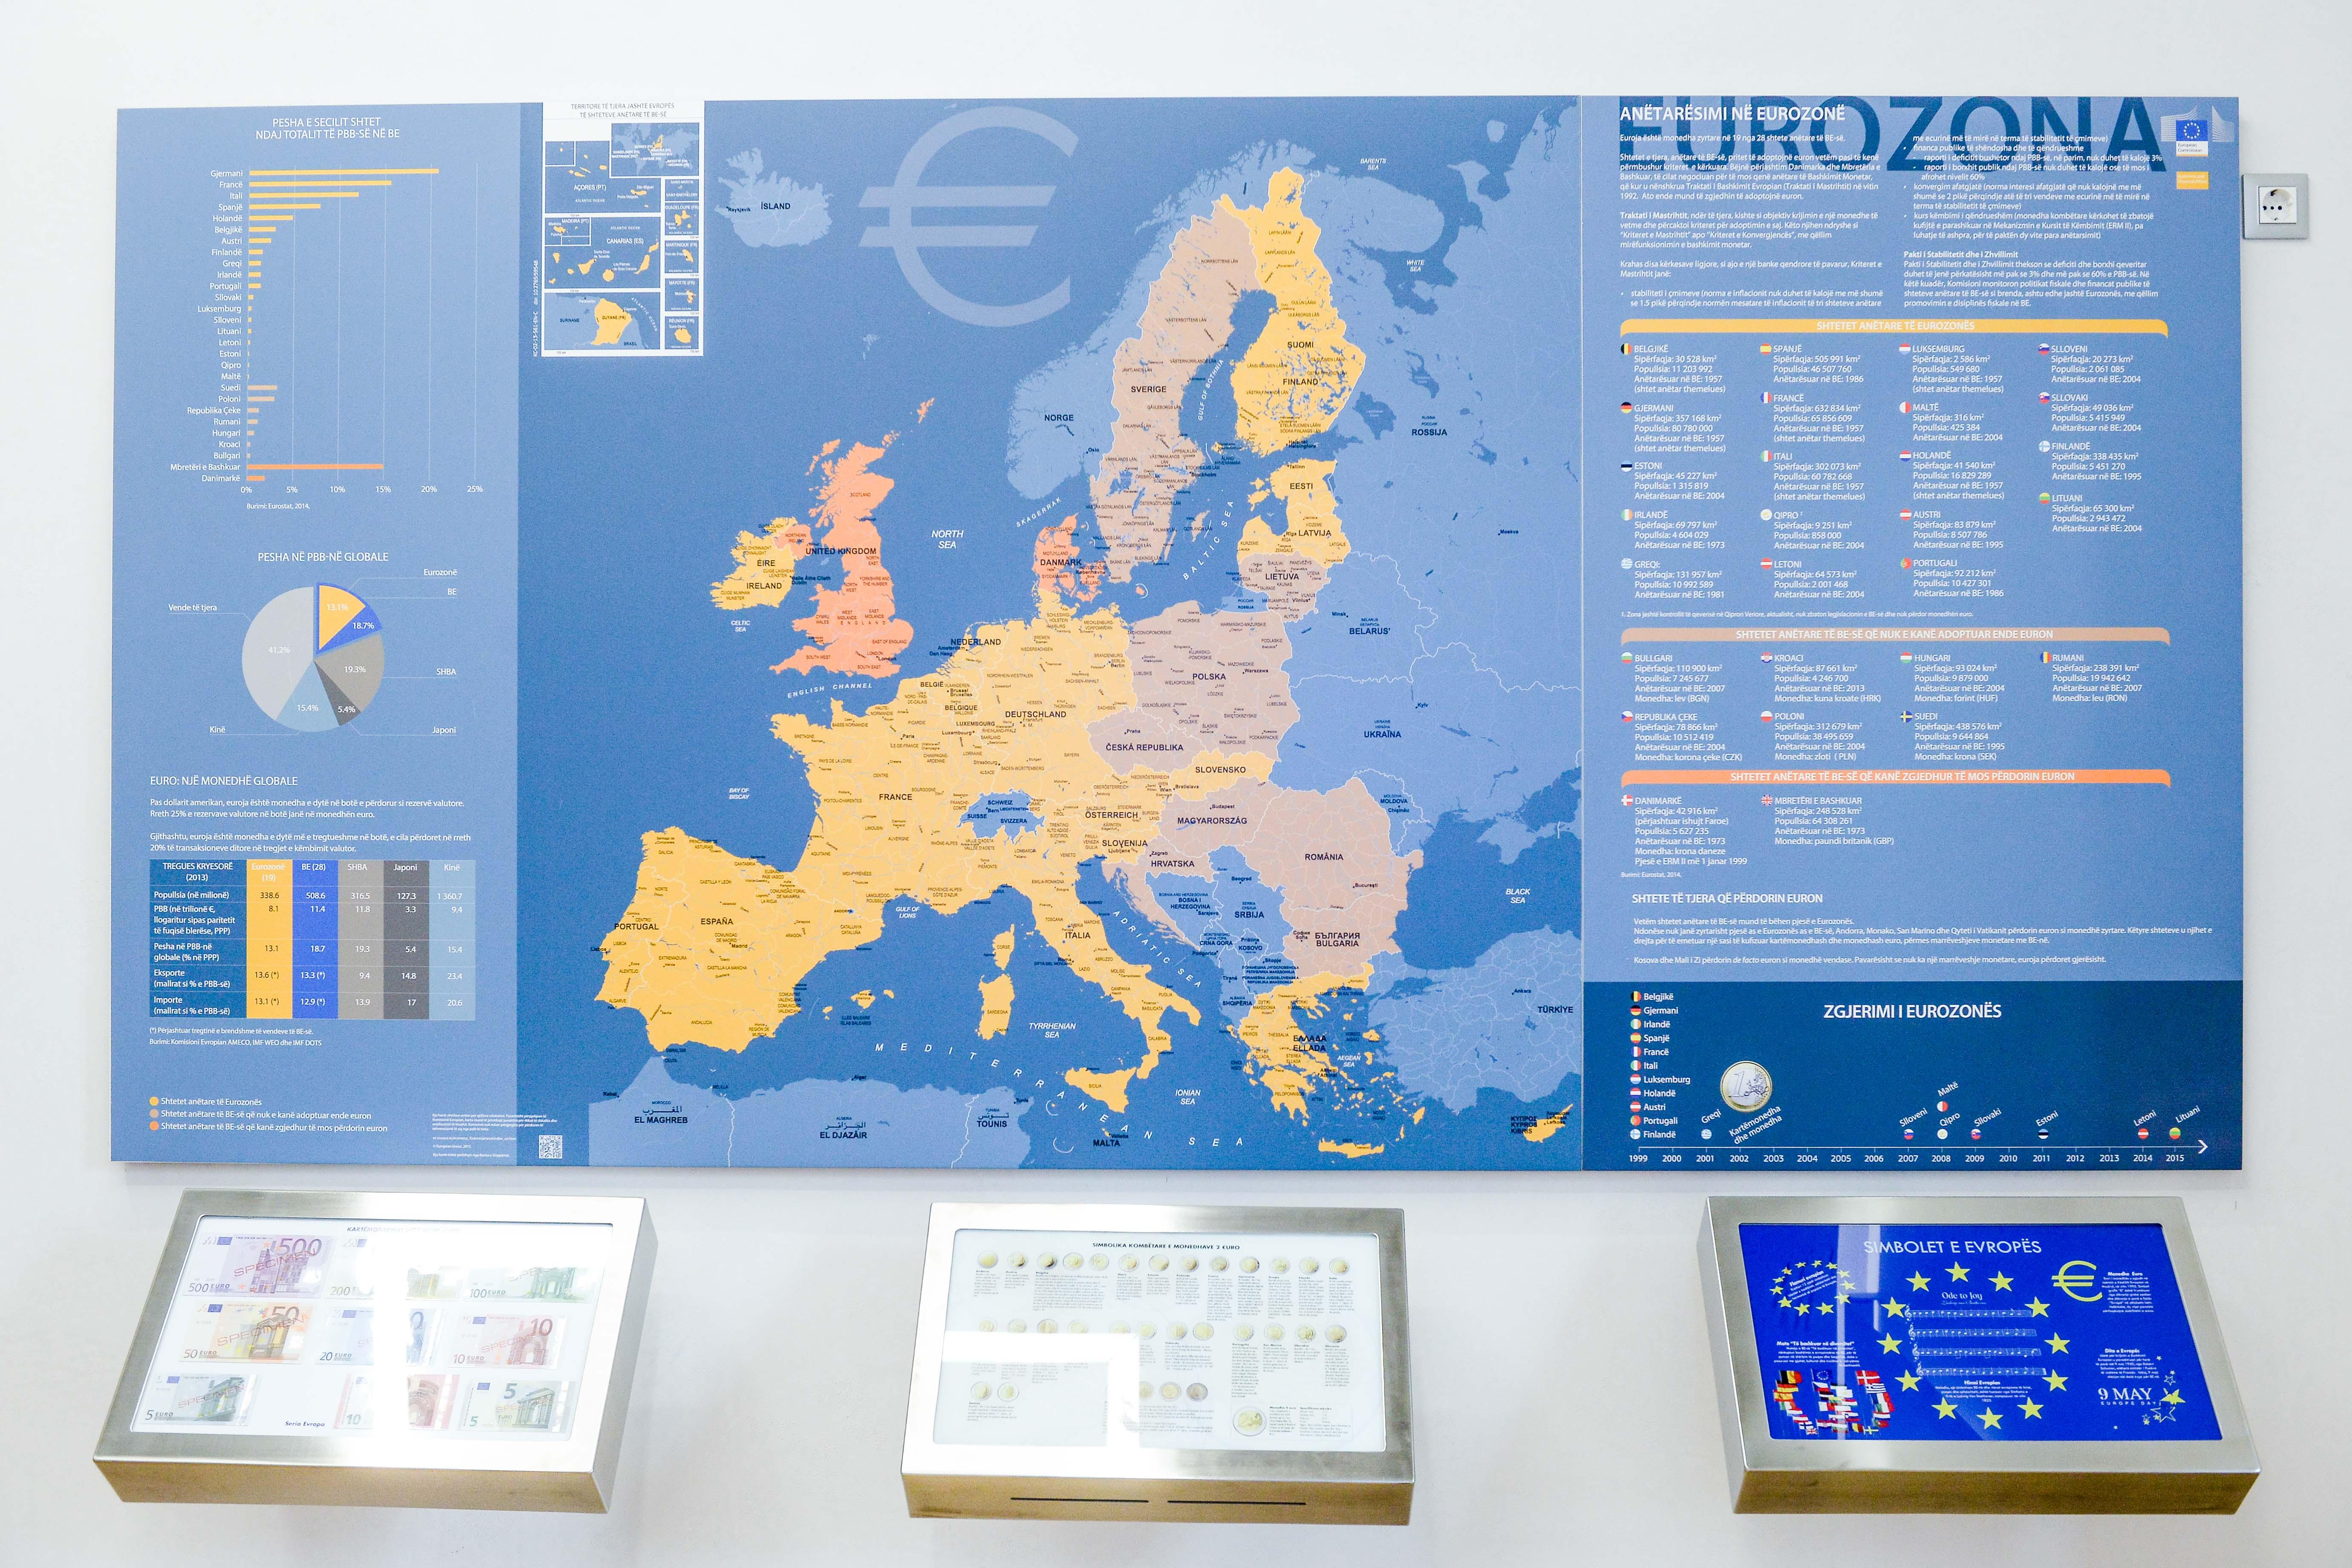 Europe Chamber